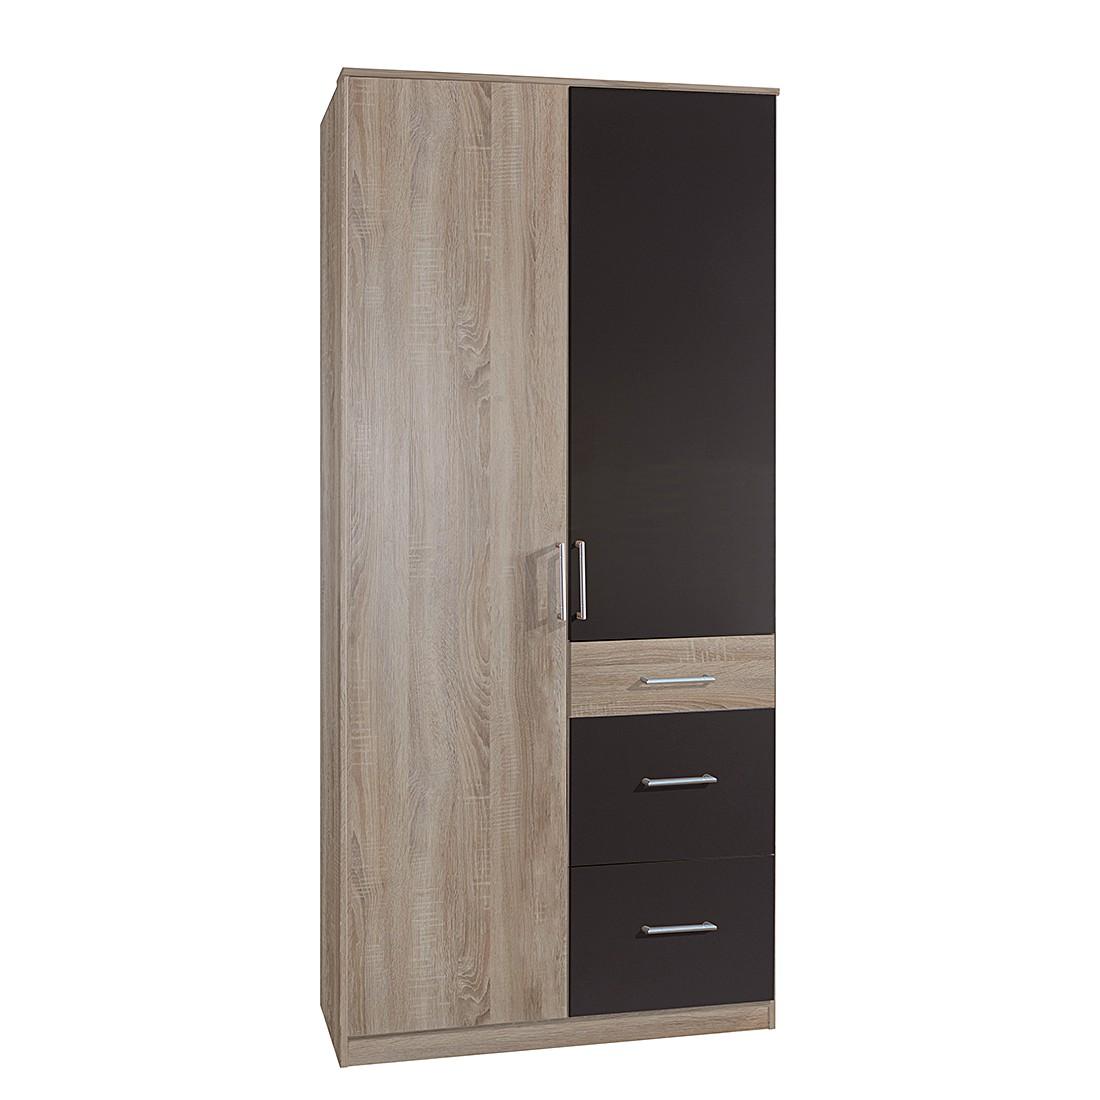 Armoire à portes pivotantes Julan I - Imitation chêne brut de sciage / Graphite - Sans portes miroir